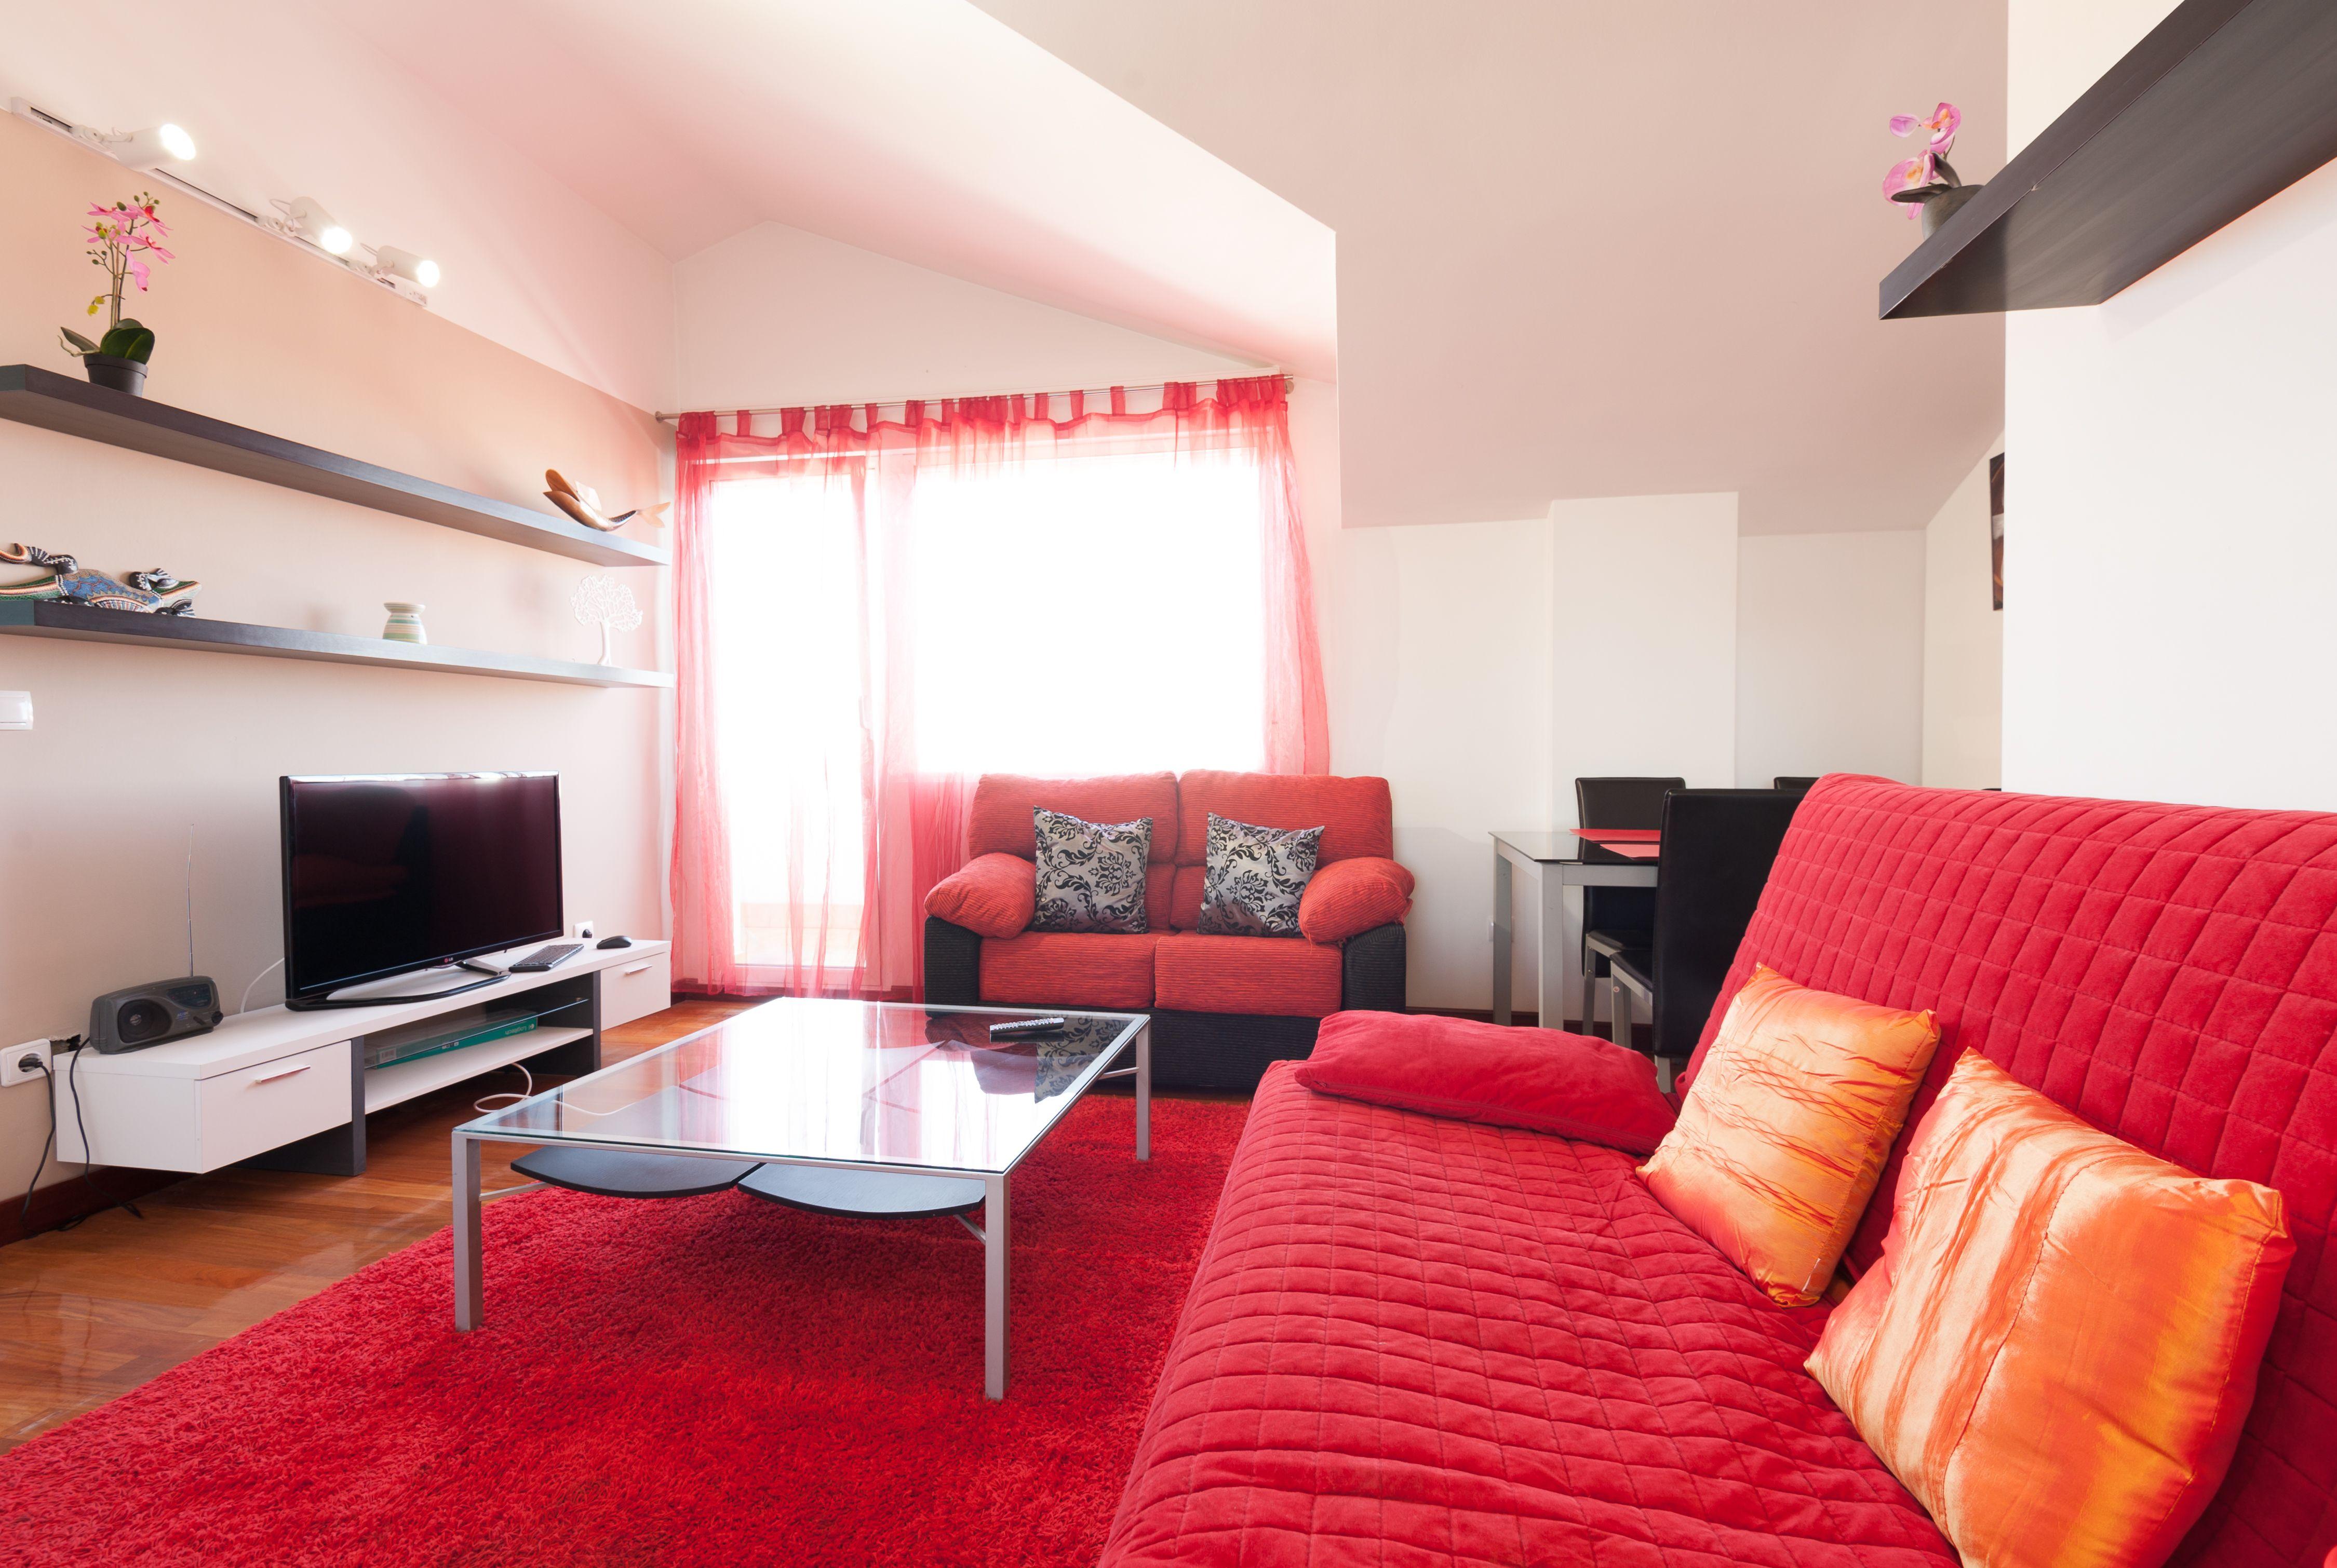 Apartamento para 4 en Castro urdiales